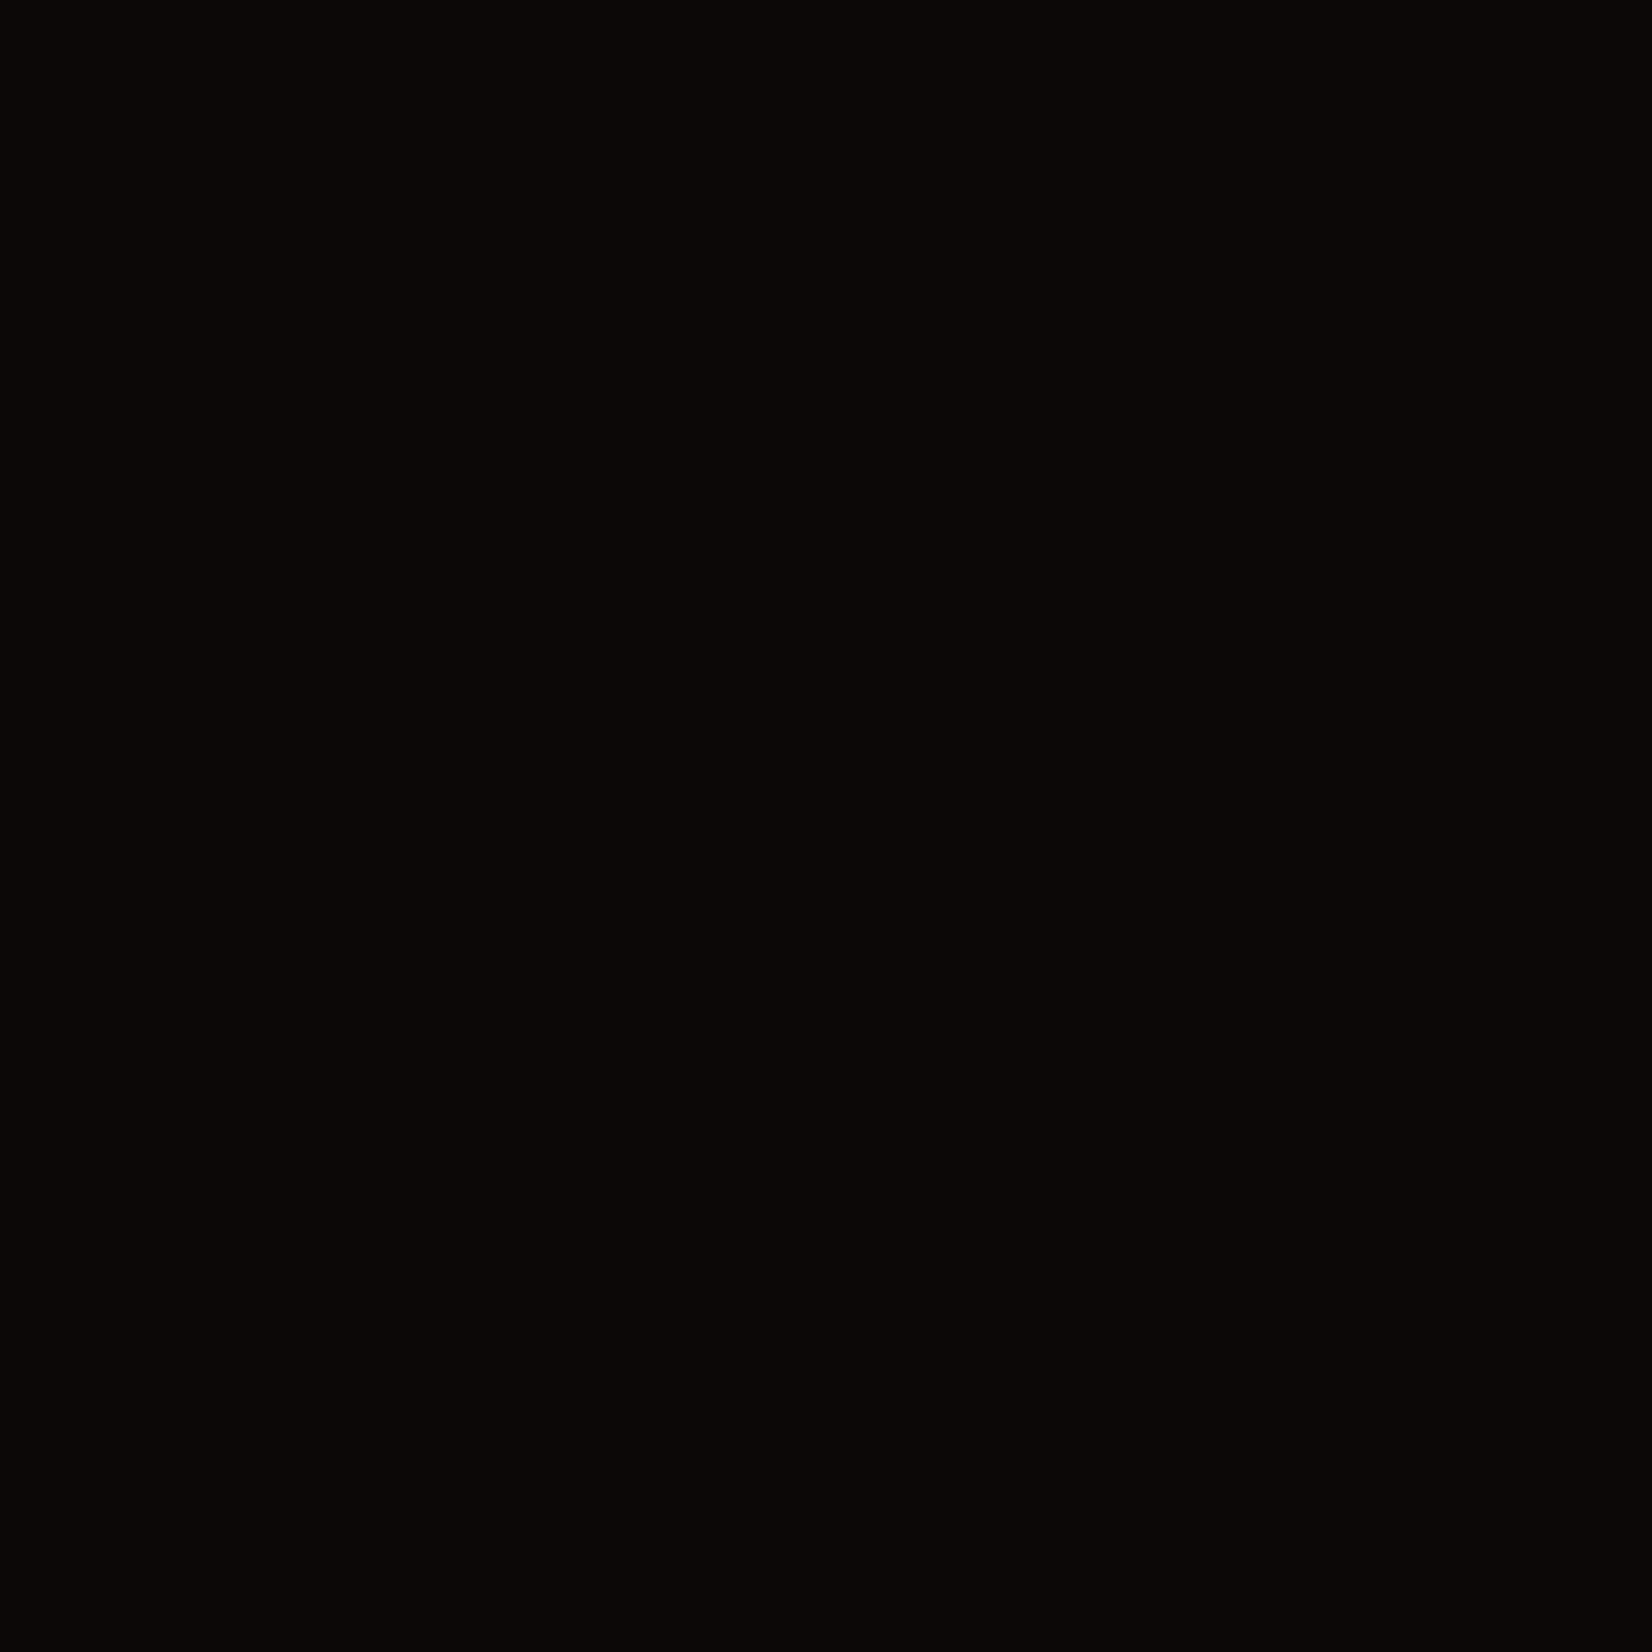 ADA Aqua Screen Normal 90-H black (91x61)